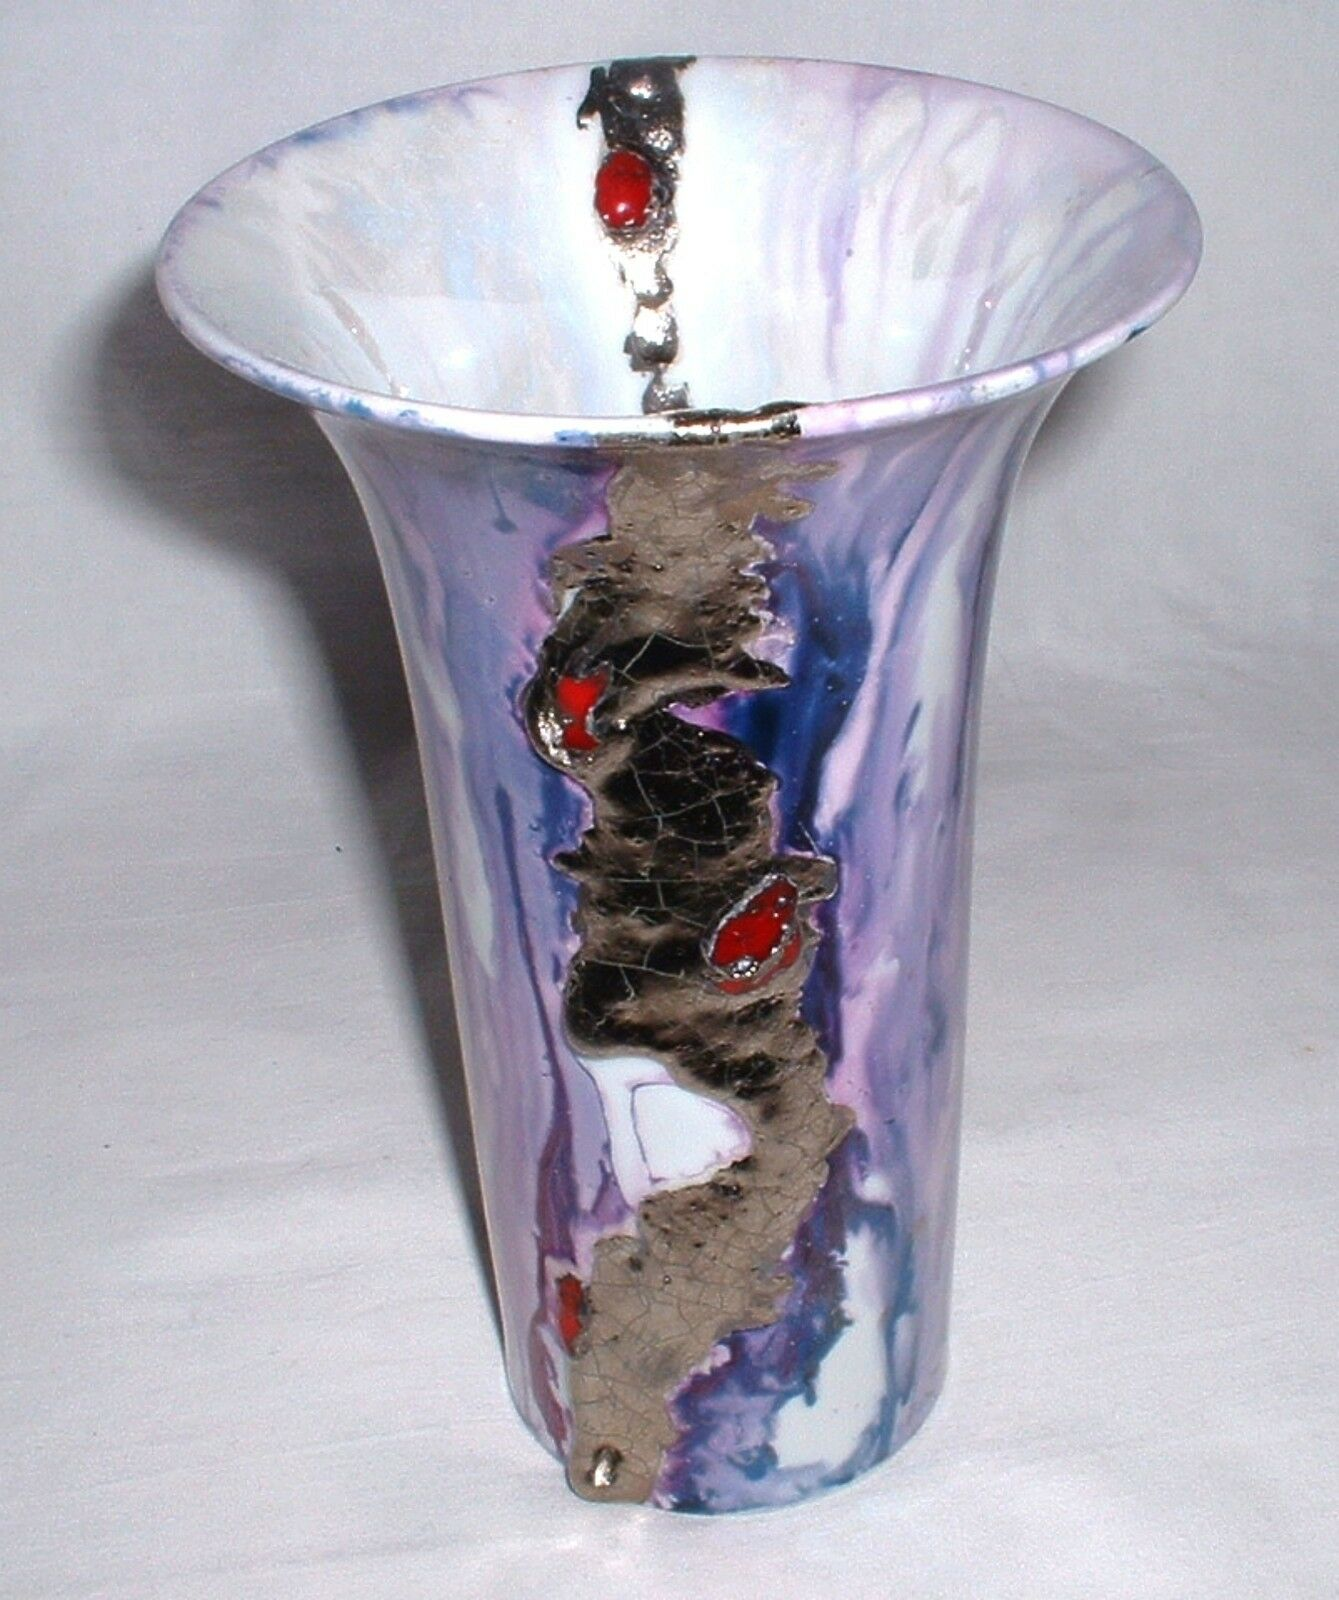 Empereur porcelaine vase 19 cm-violet, bleu, rose avec argent-peintre caractères El